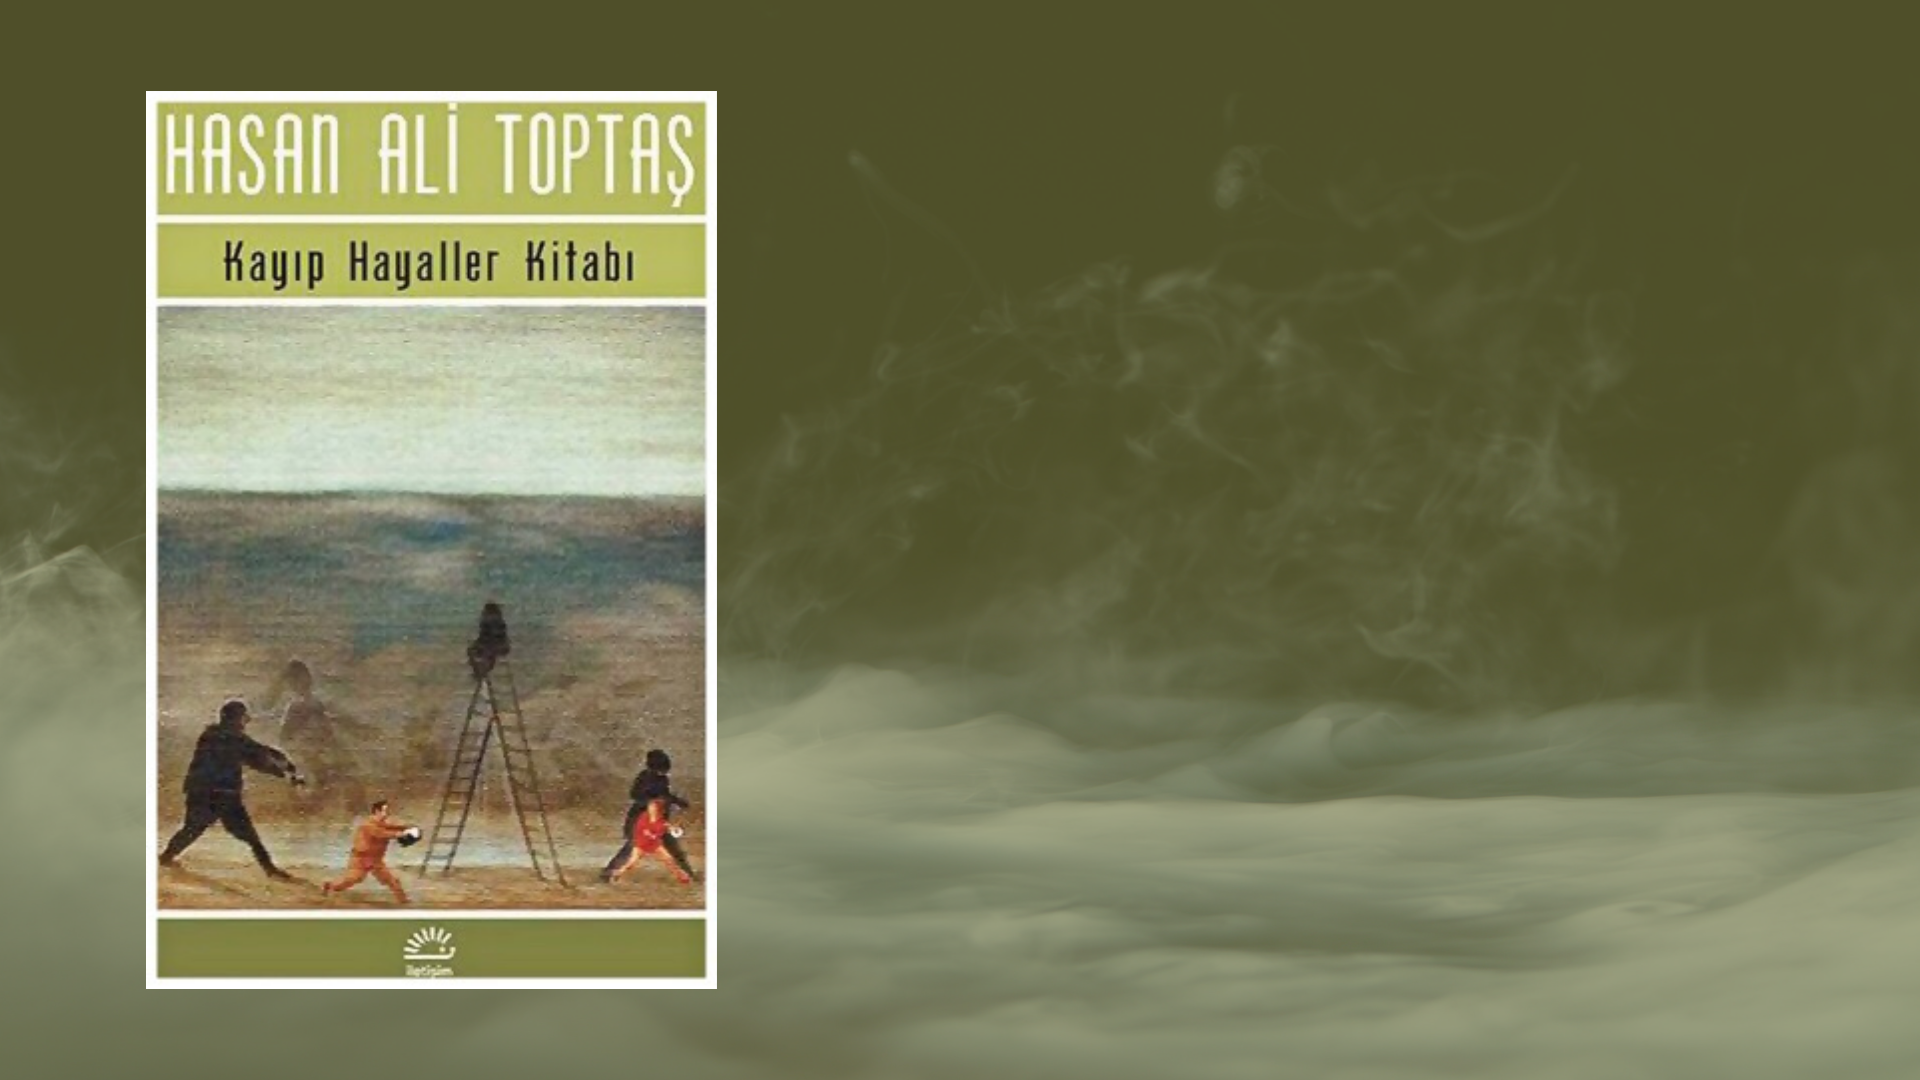 Kitap: Kayıp Hayaller Kitabı | Yazar: Hasan Ali Toptaş | Yorumlayan: Hülya Erarslan